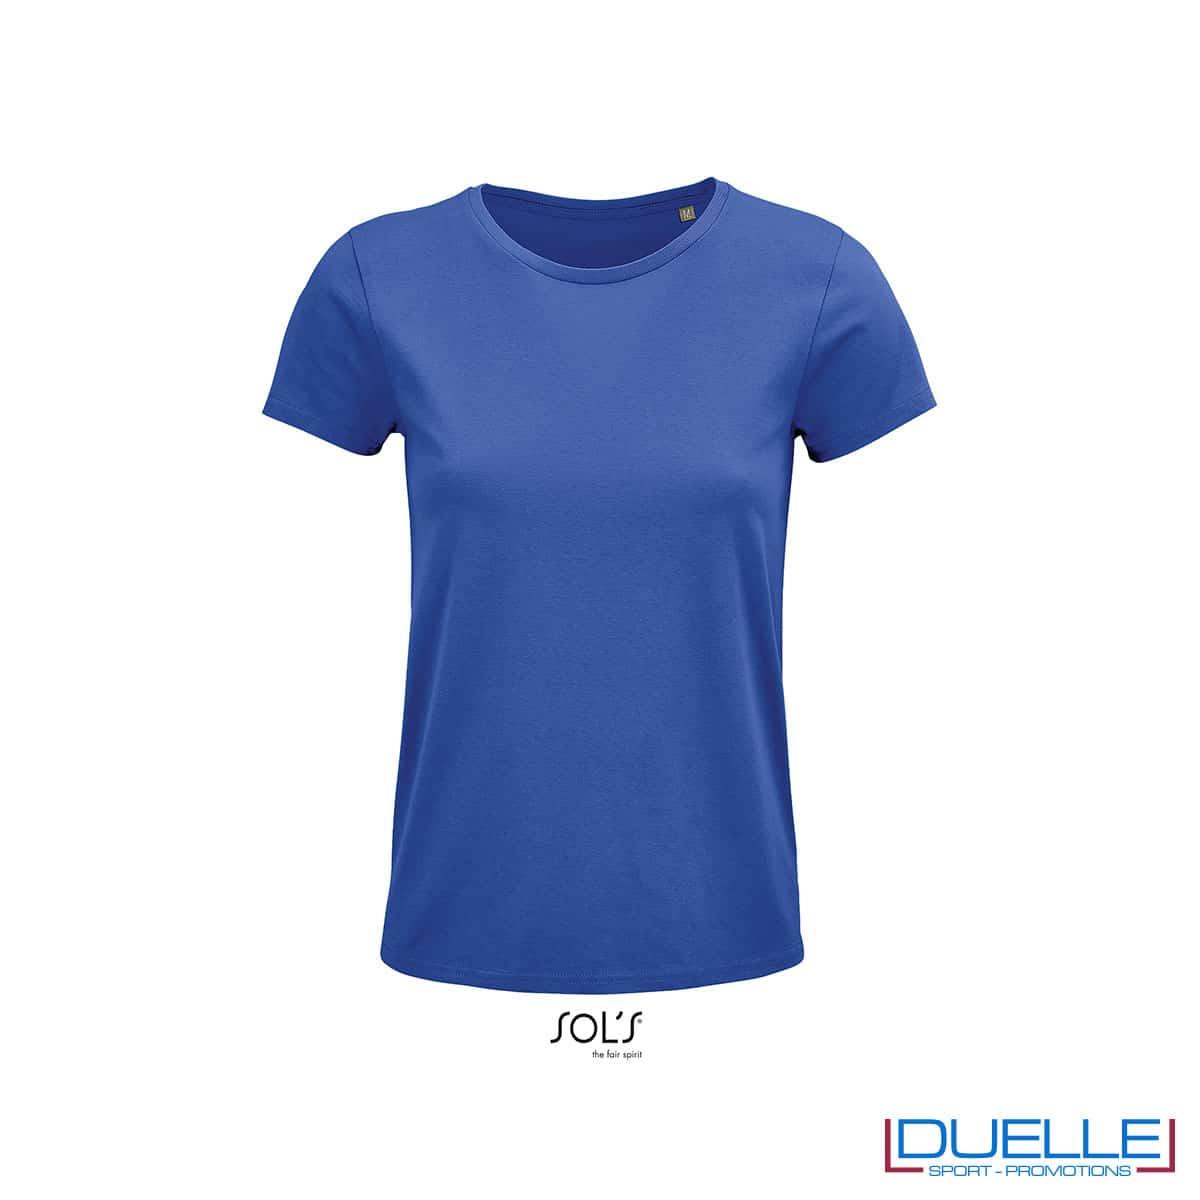 Maglietta blu royal femminile girocollo